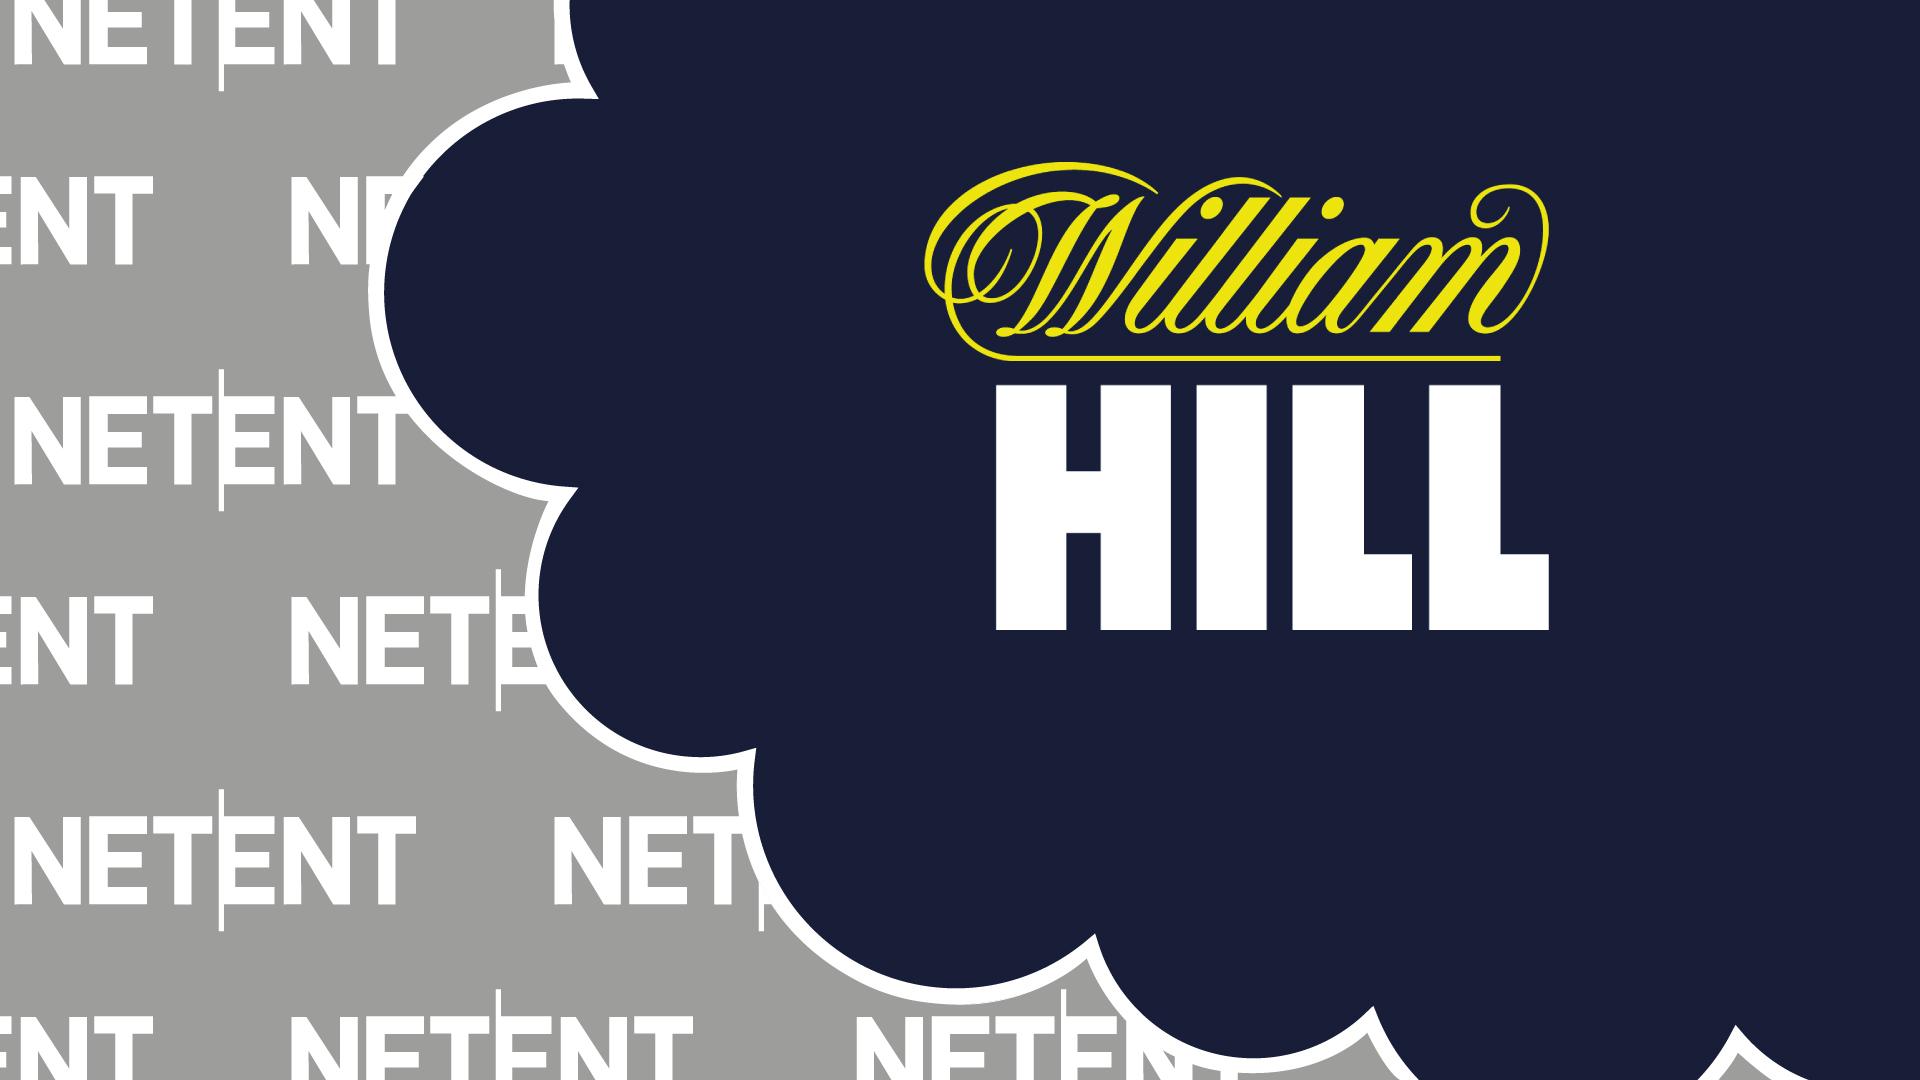 NetEnt aloittaa yhteistyön William Hillin kanssa